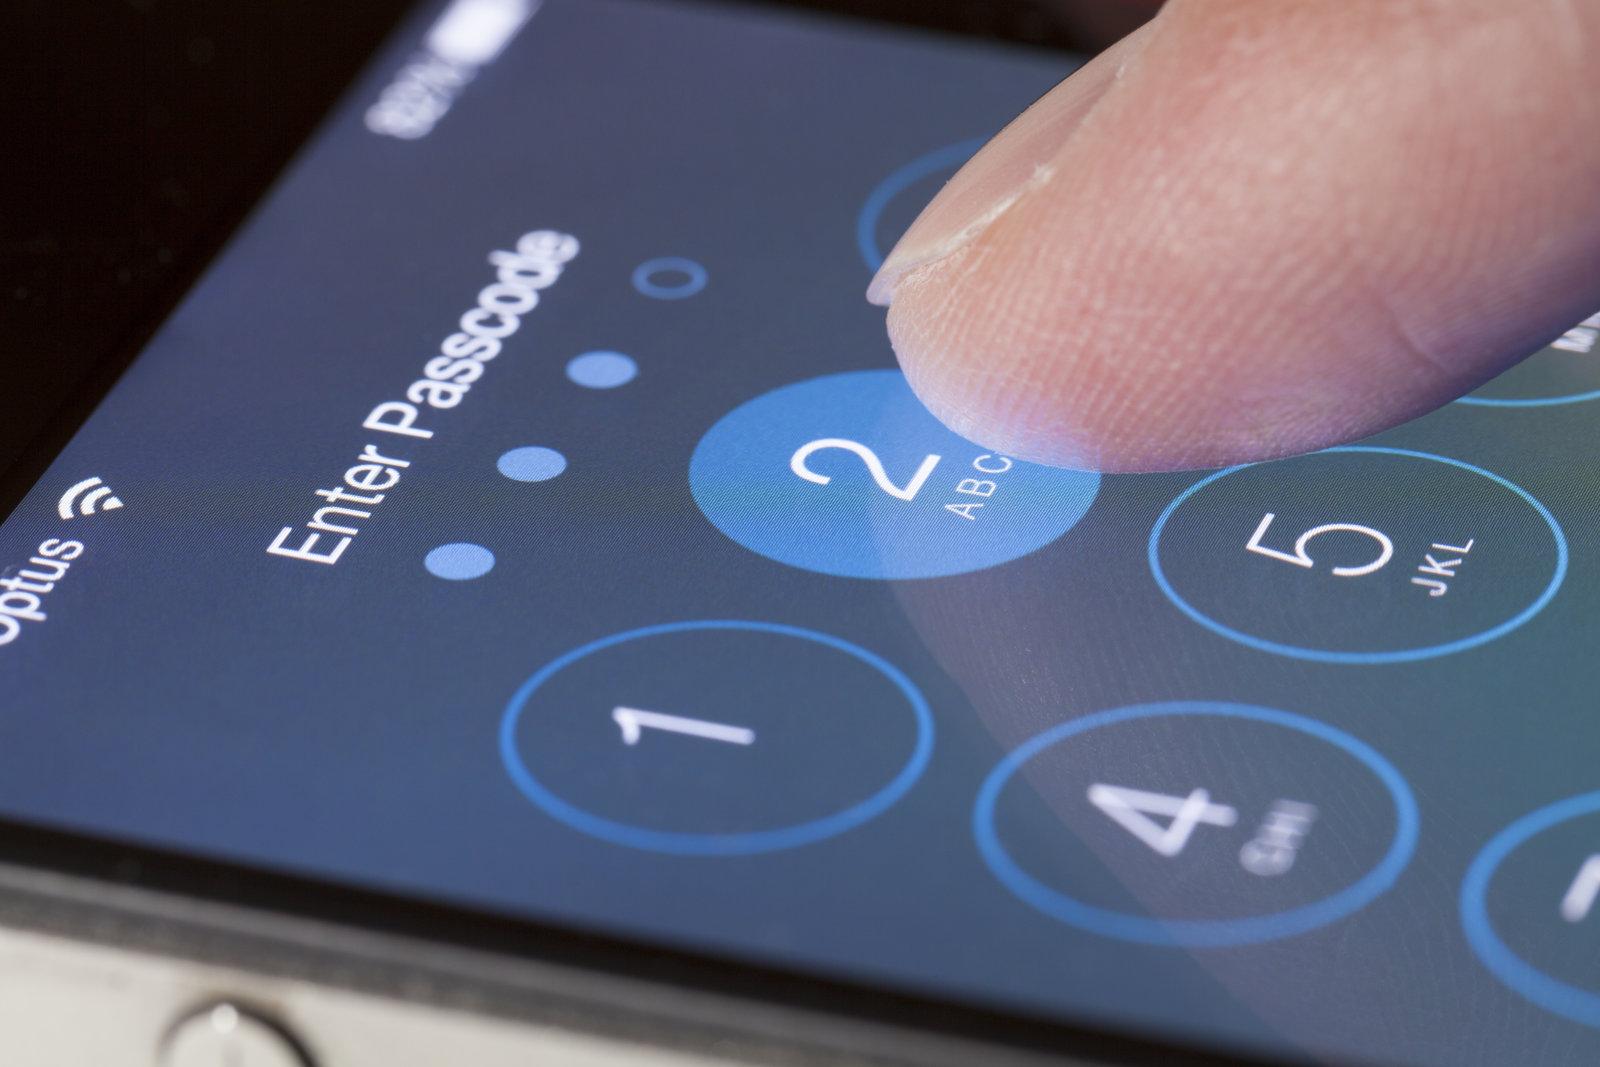 Software pro odemknutí iOS zařízení, které vlastní FBI, byl zveřejněn